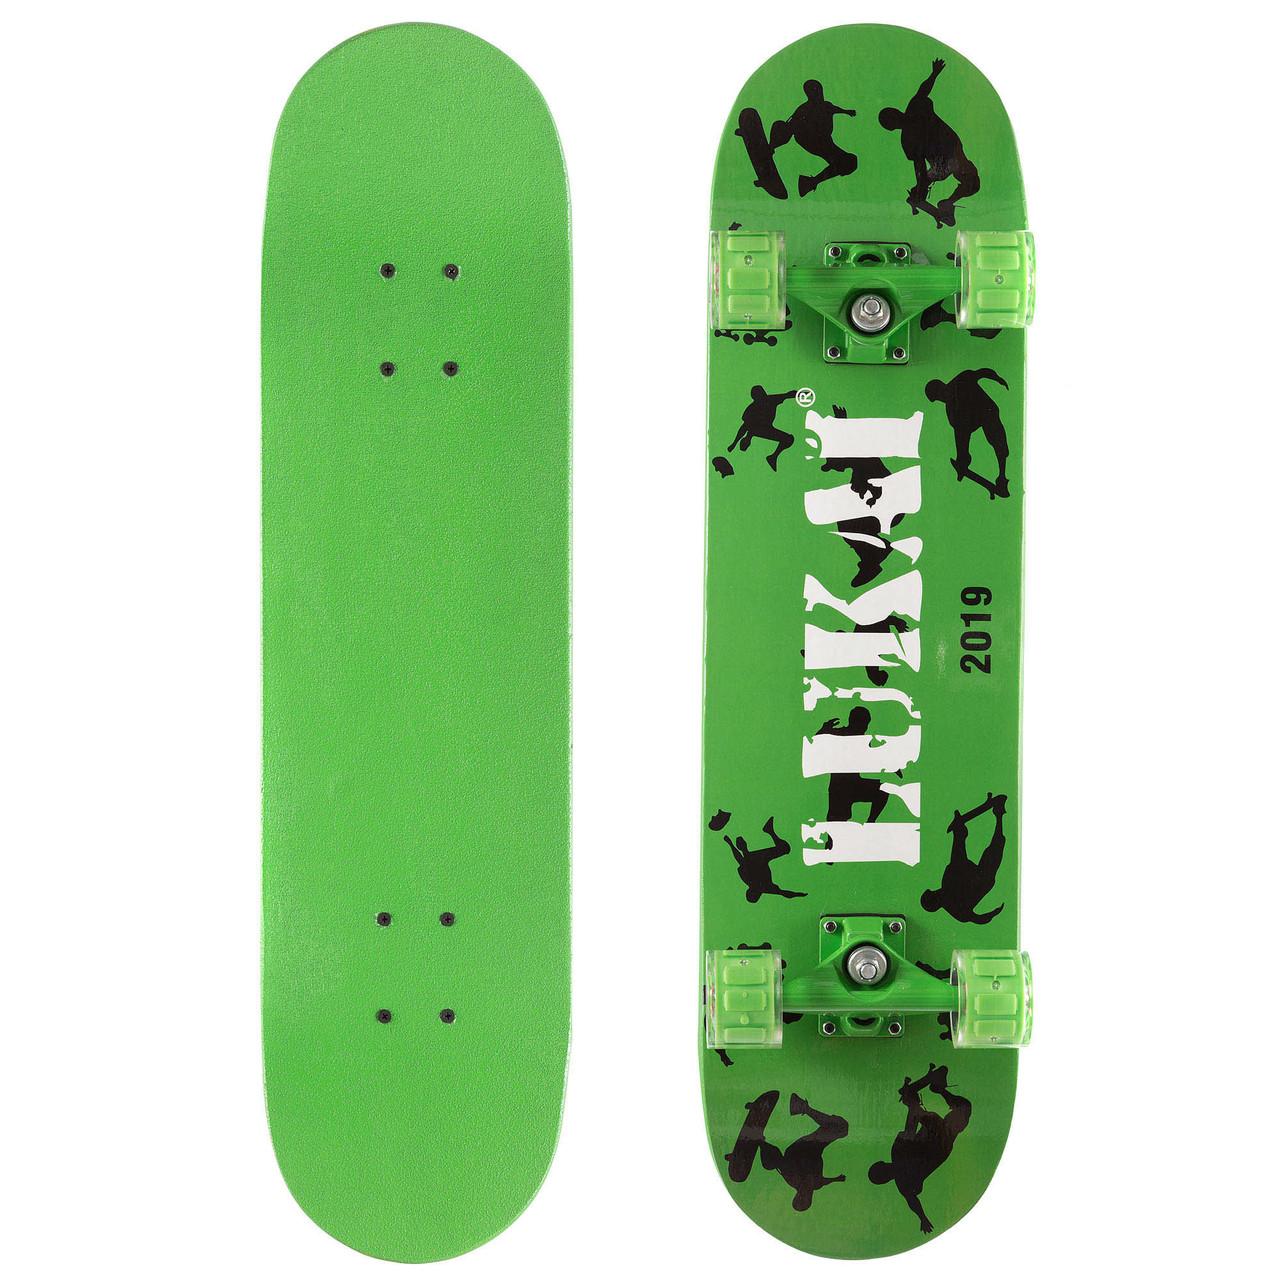 Скейт в сборе зелёный со светящимися колесами LUKAI SK-1245-2